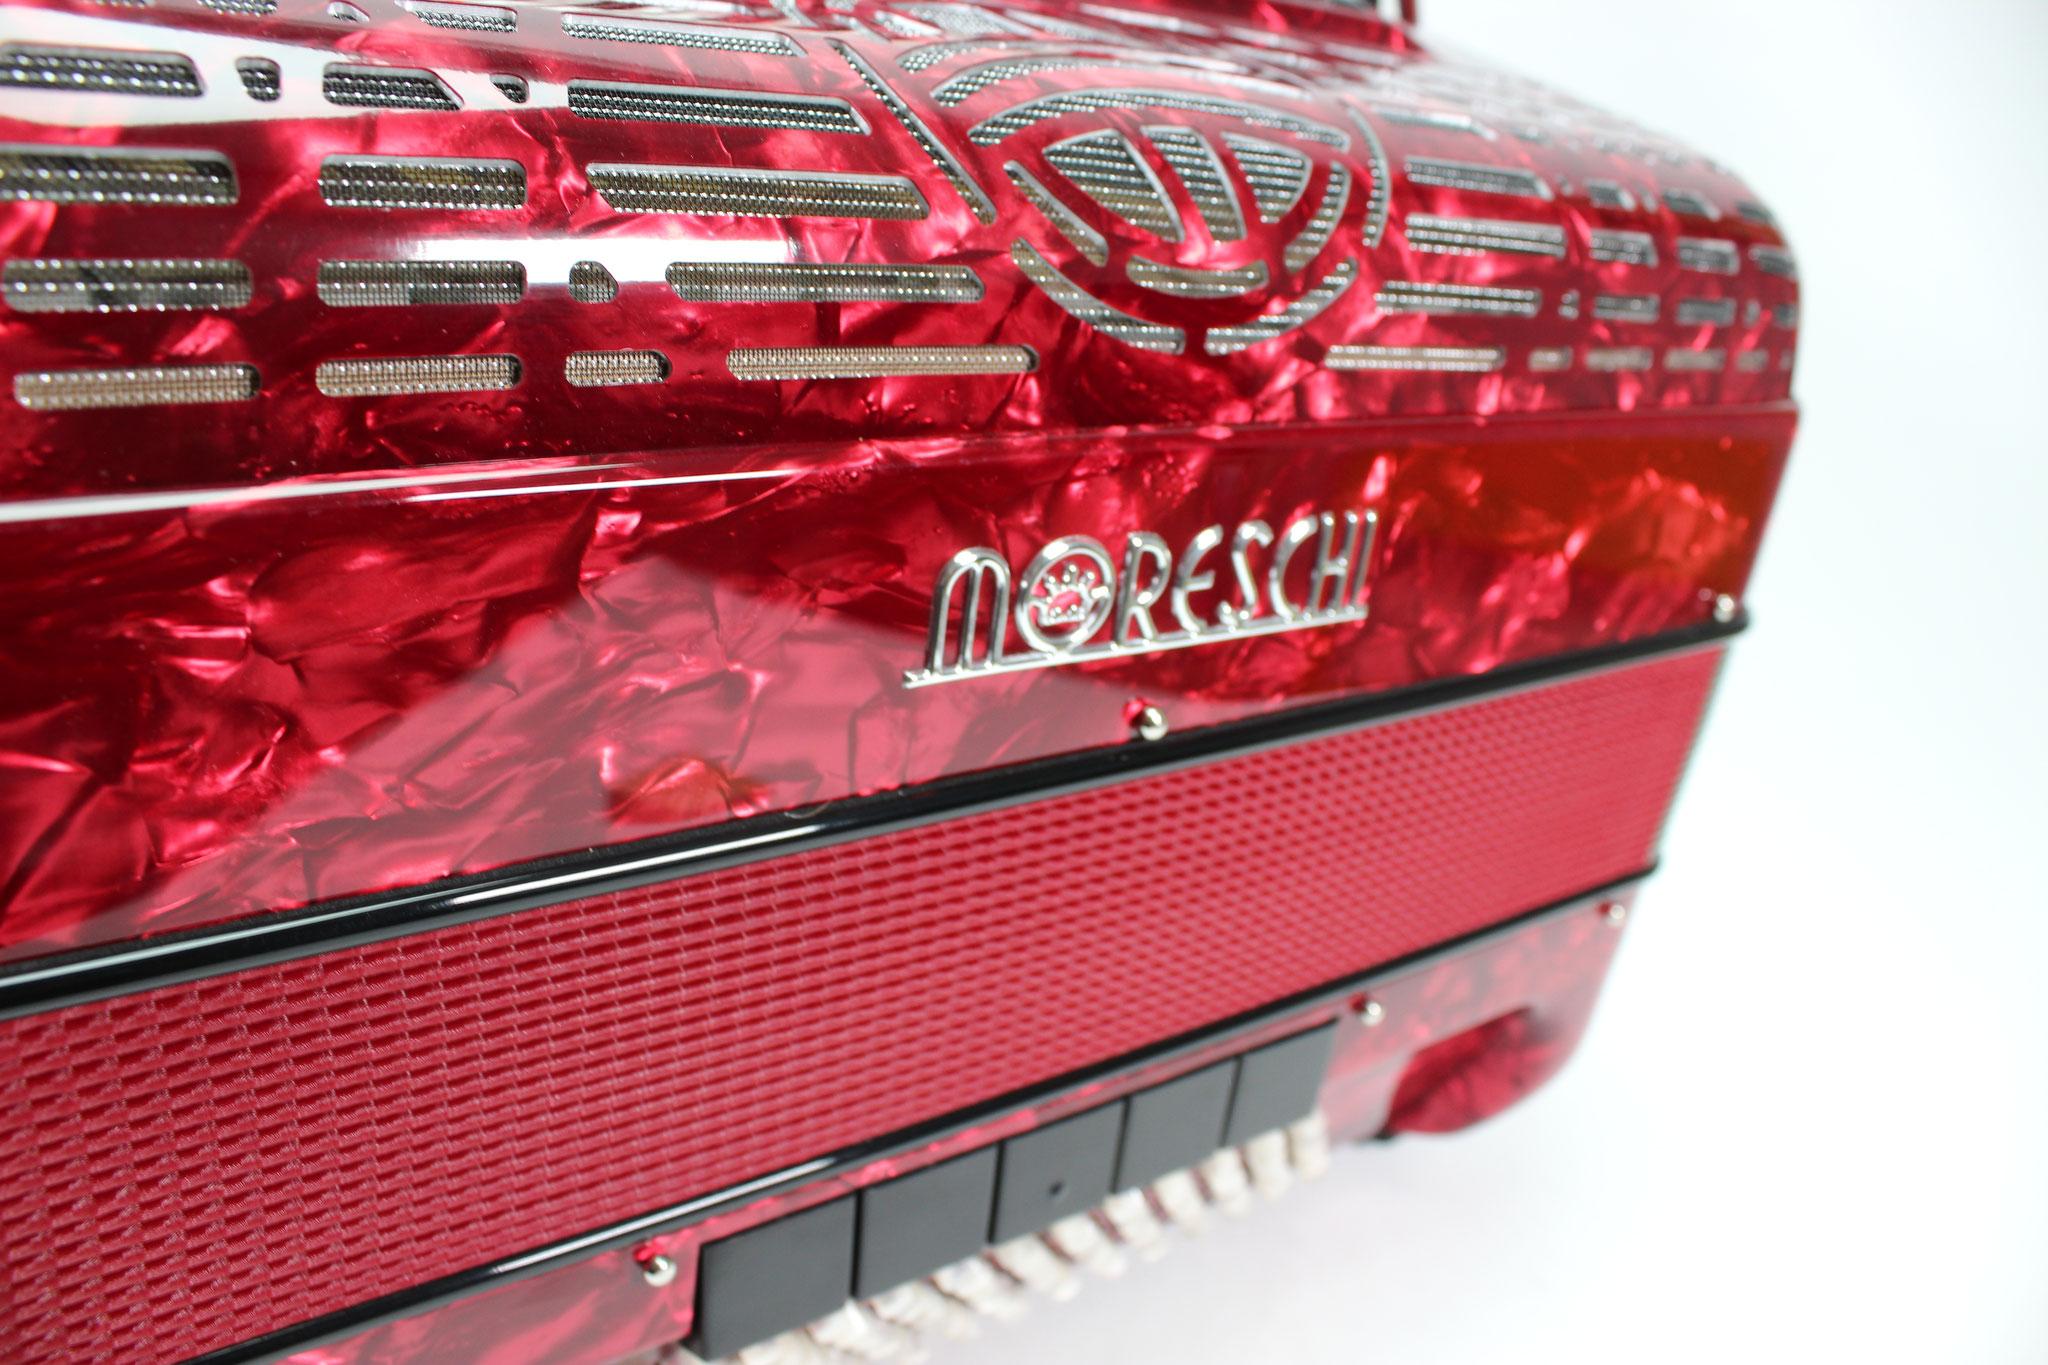 Moreschi Agile 37 IV 96, rotperloid